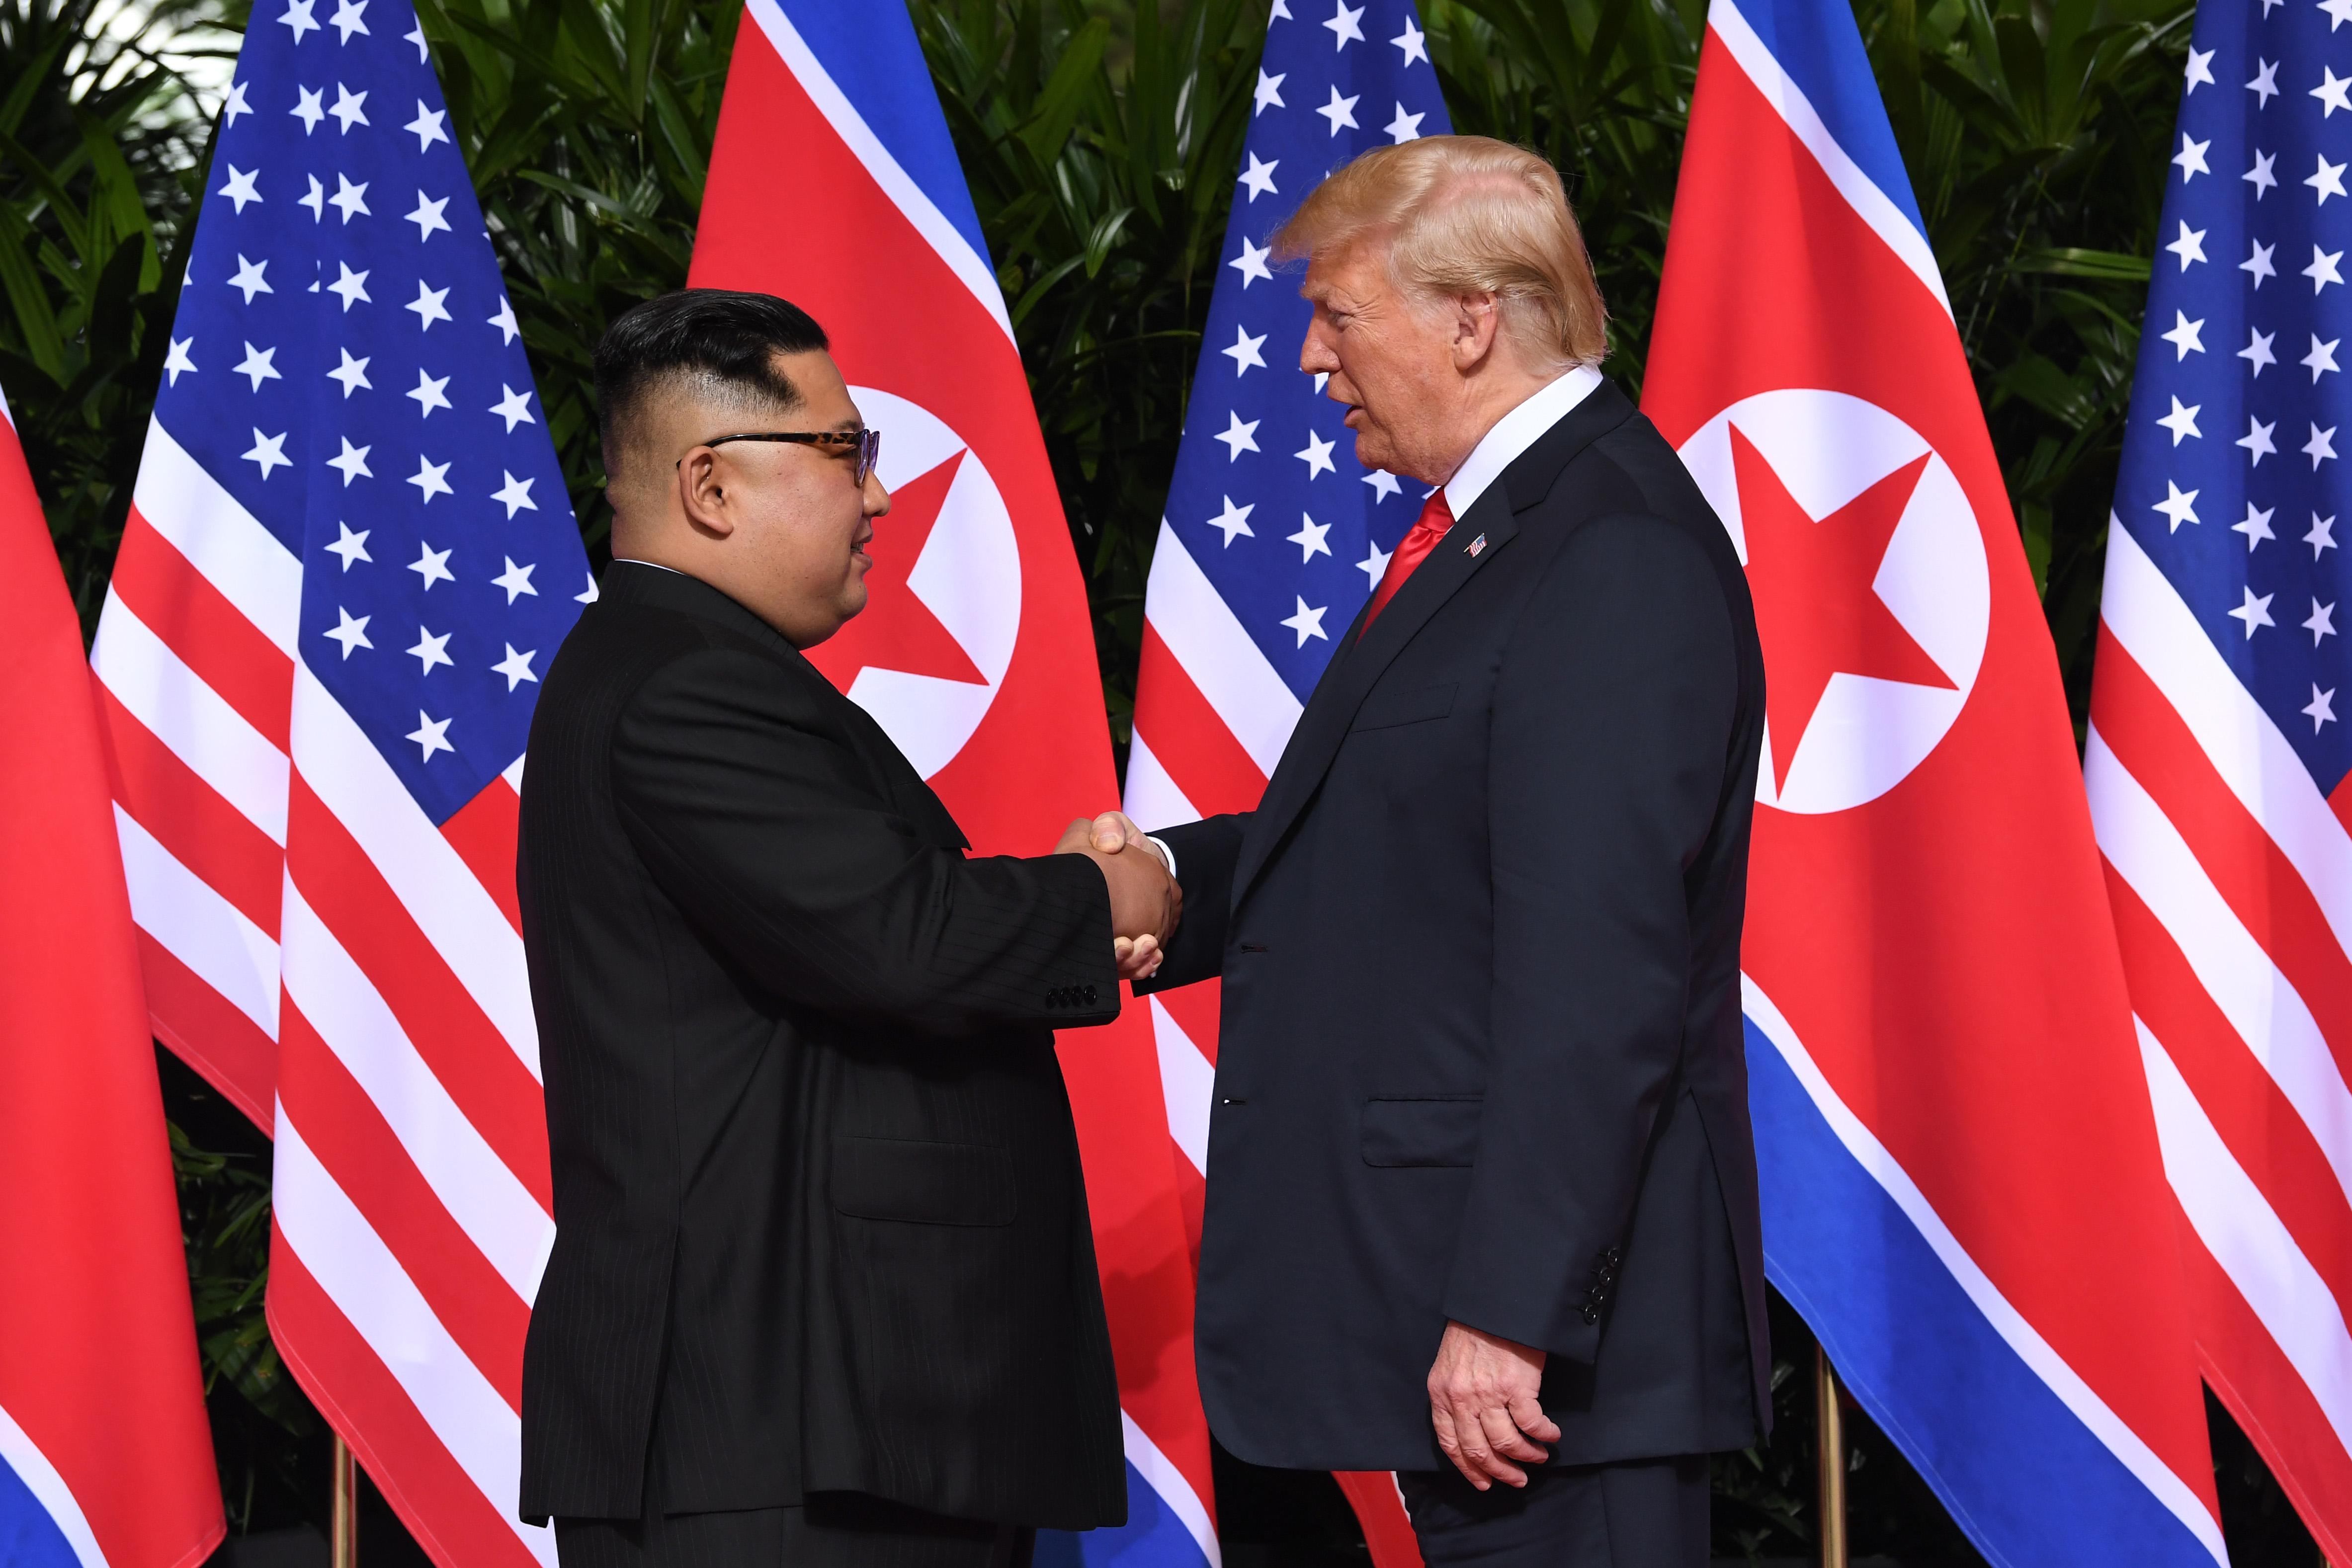 الرئيس دونالد ترامب يصافح زعيم كوريا الشمالية كيم جونغ أون في بداية لقائهما التاريخي في سنغافورة